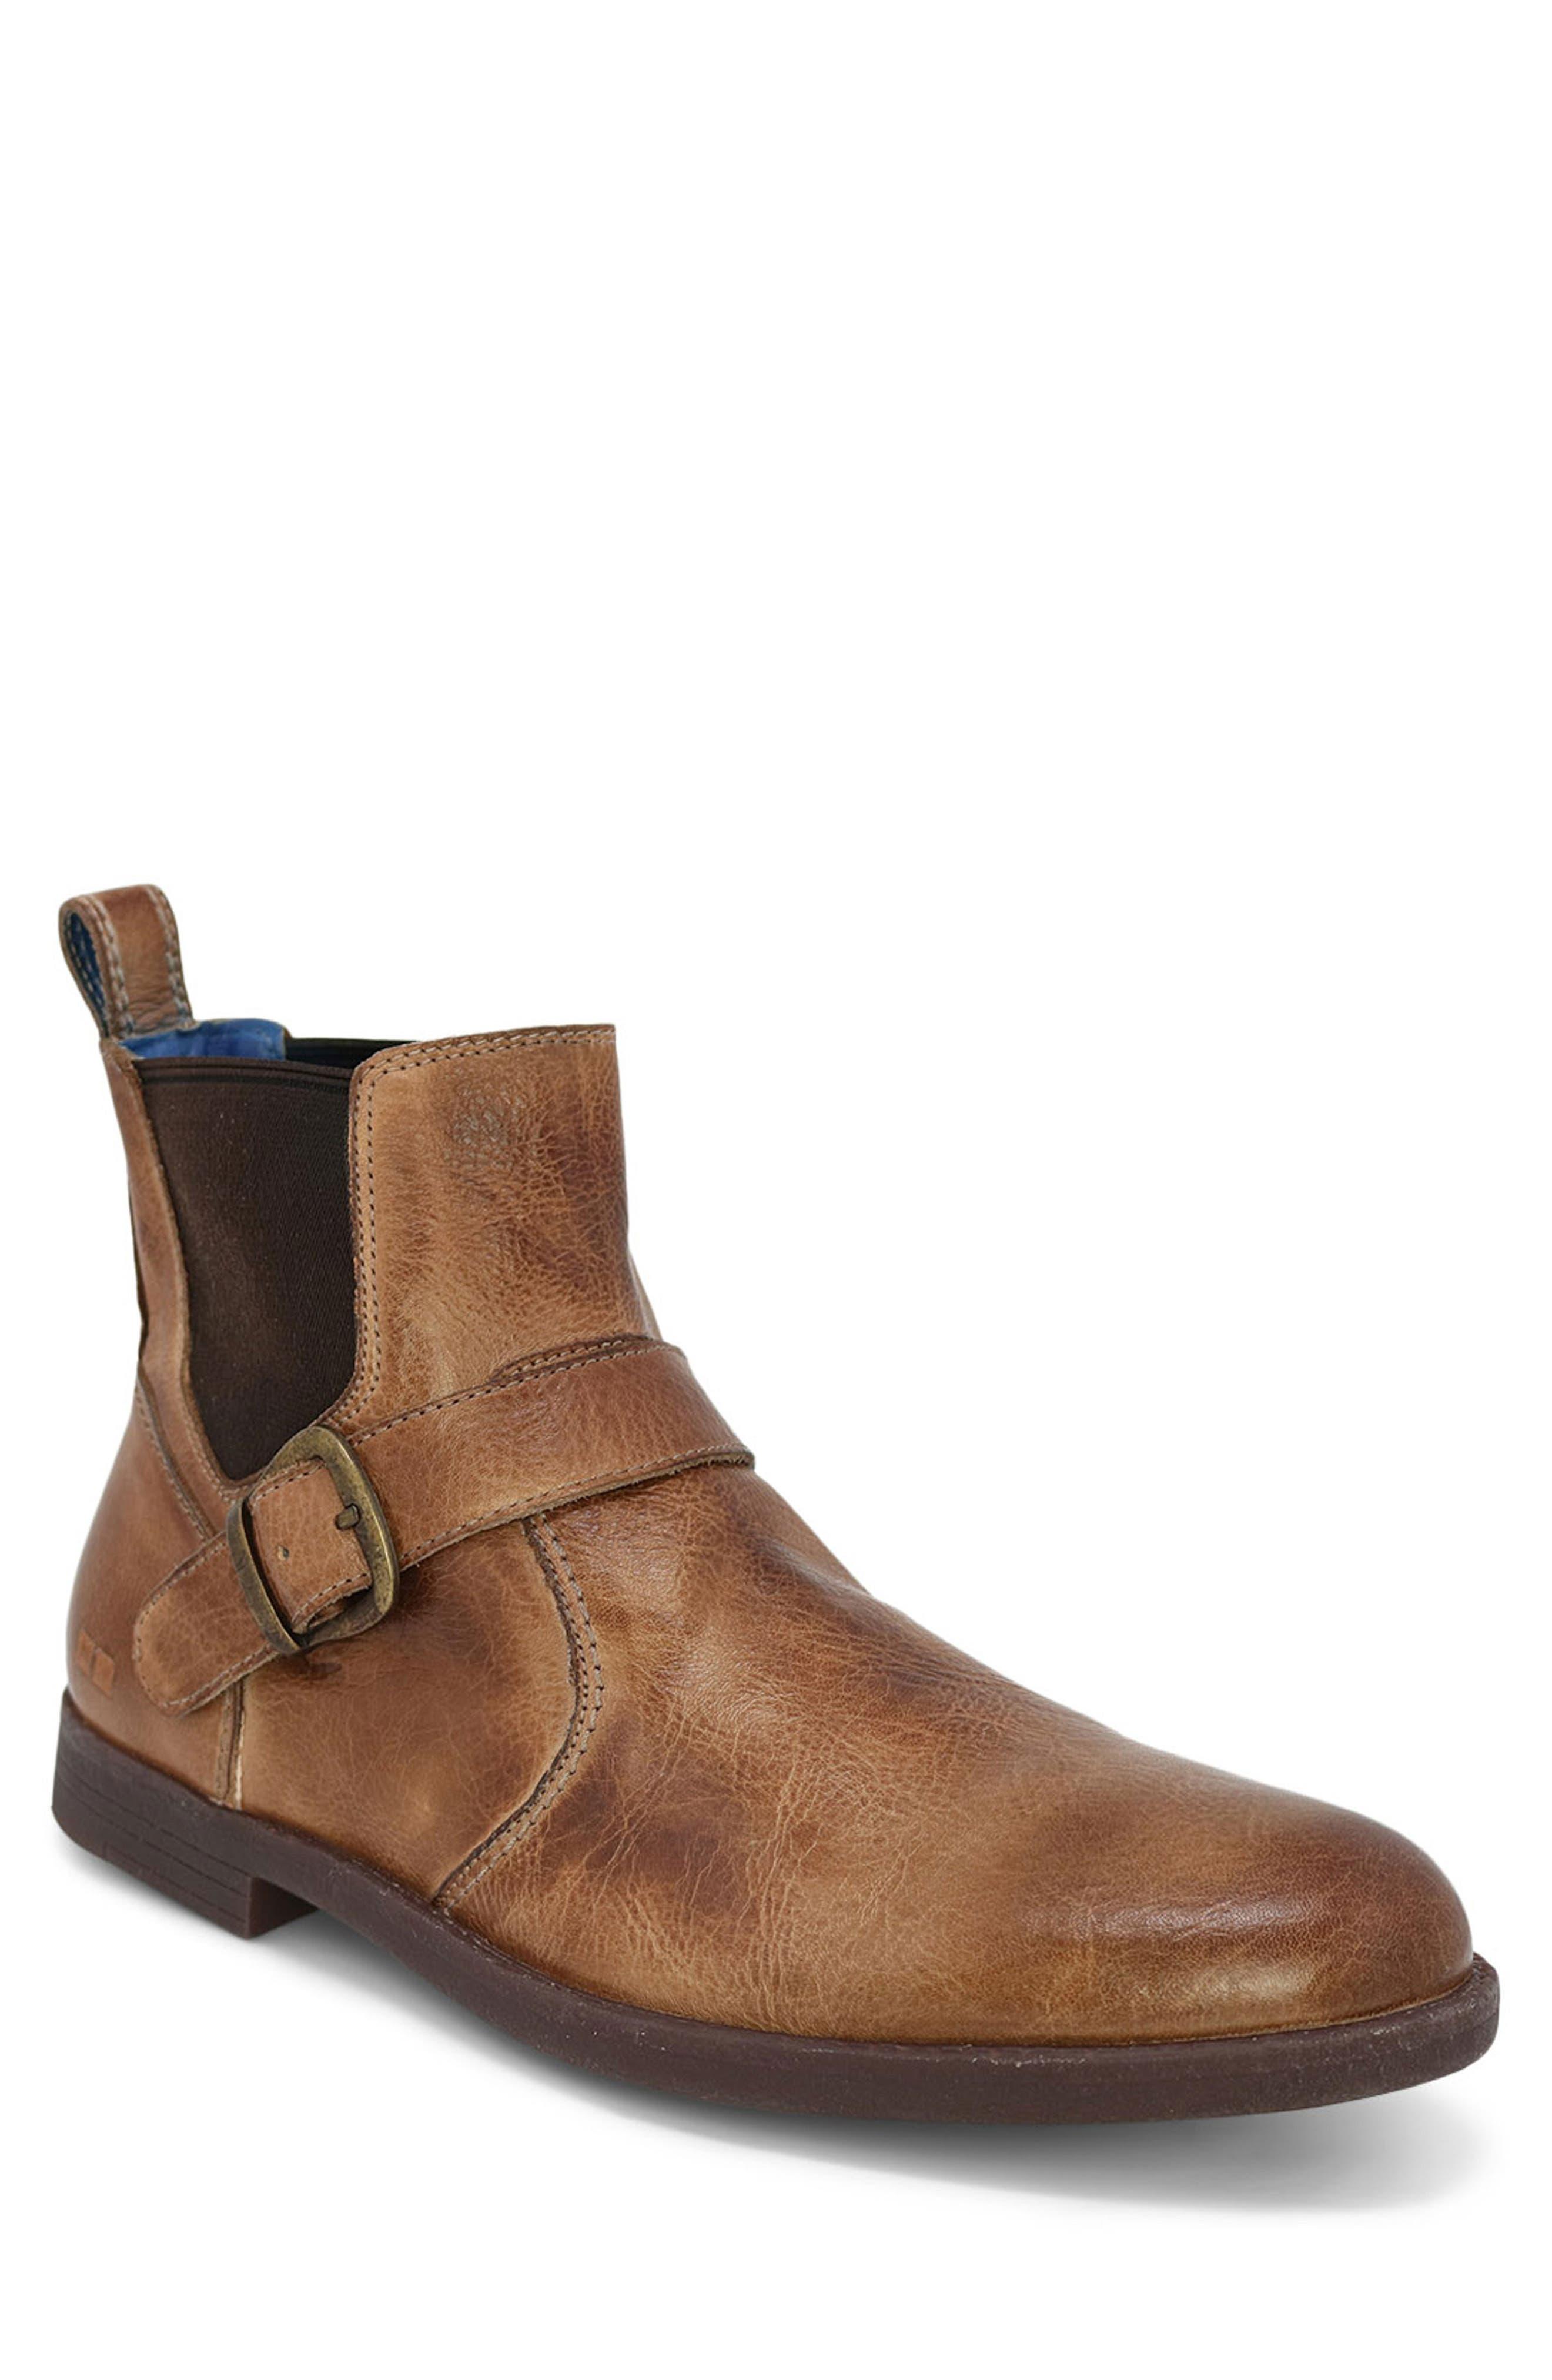 Michelangelo Chelsea Boot